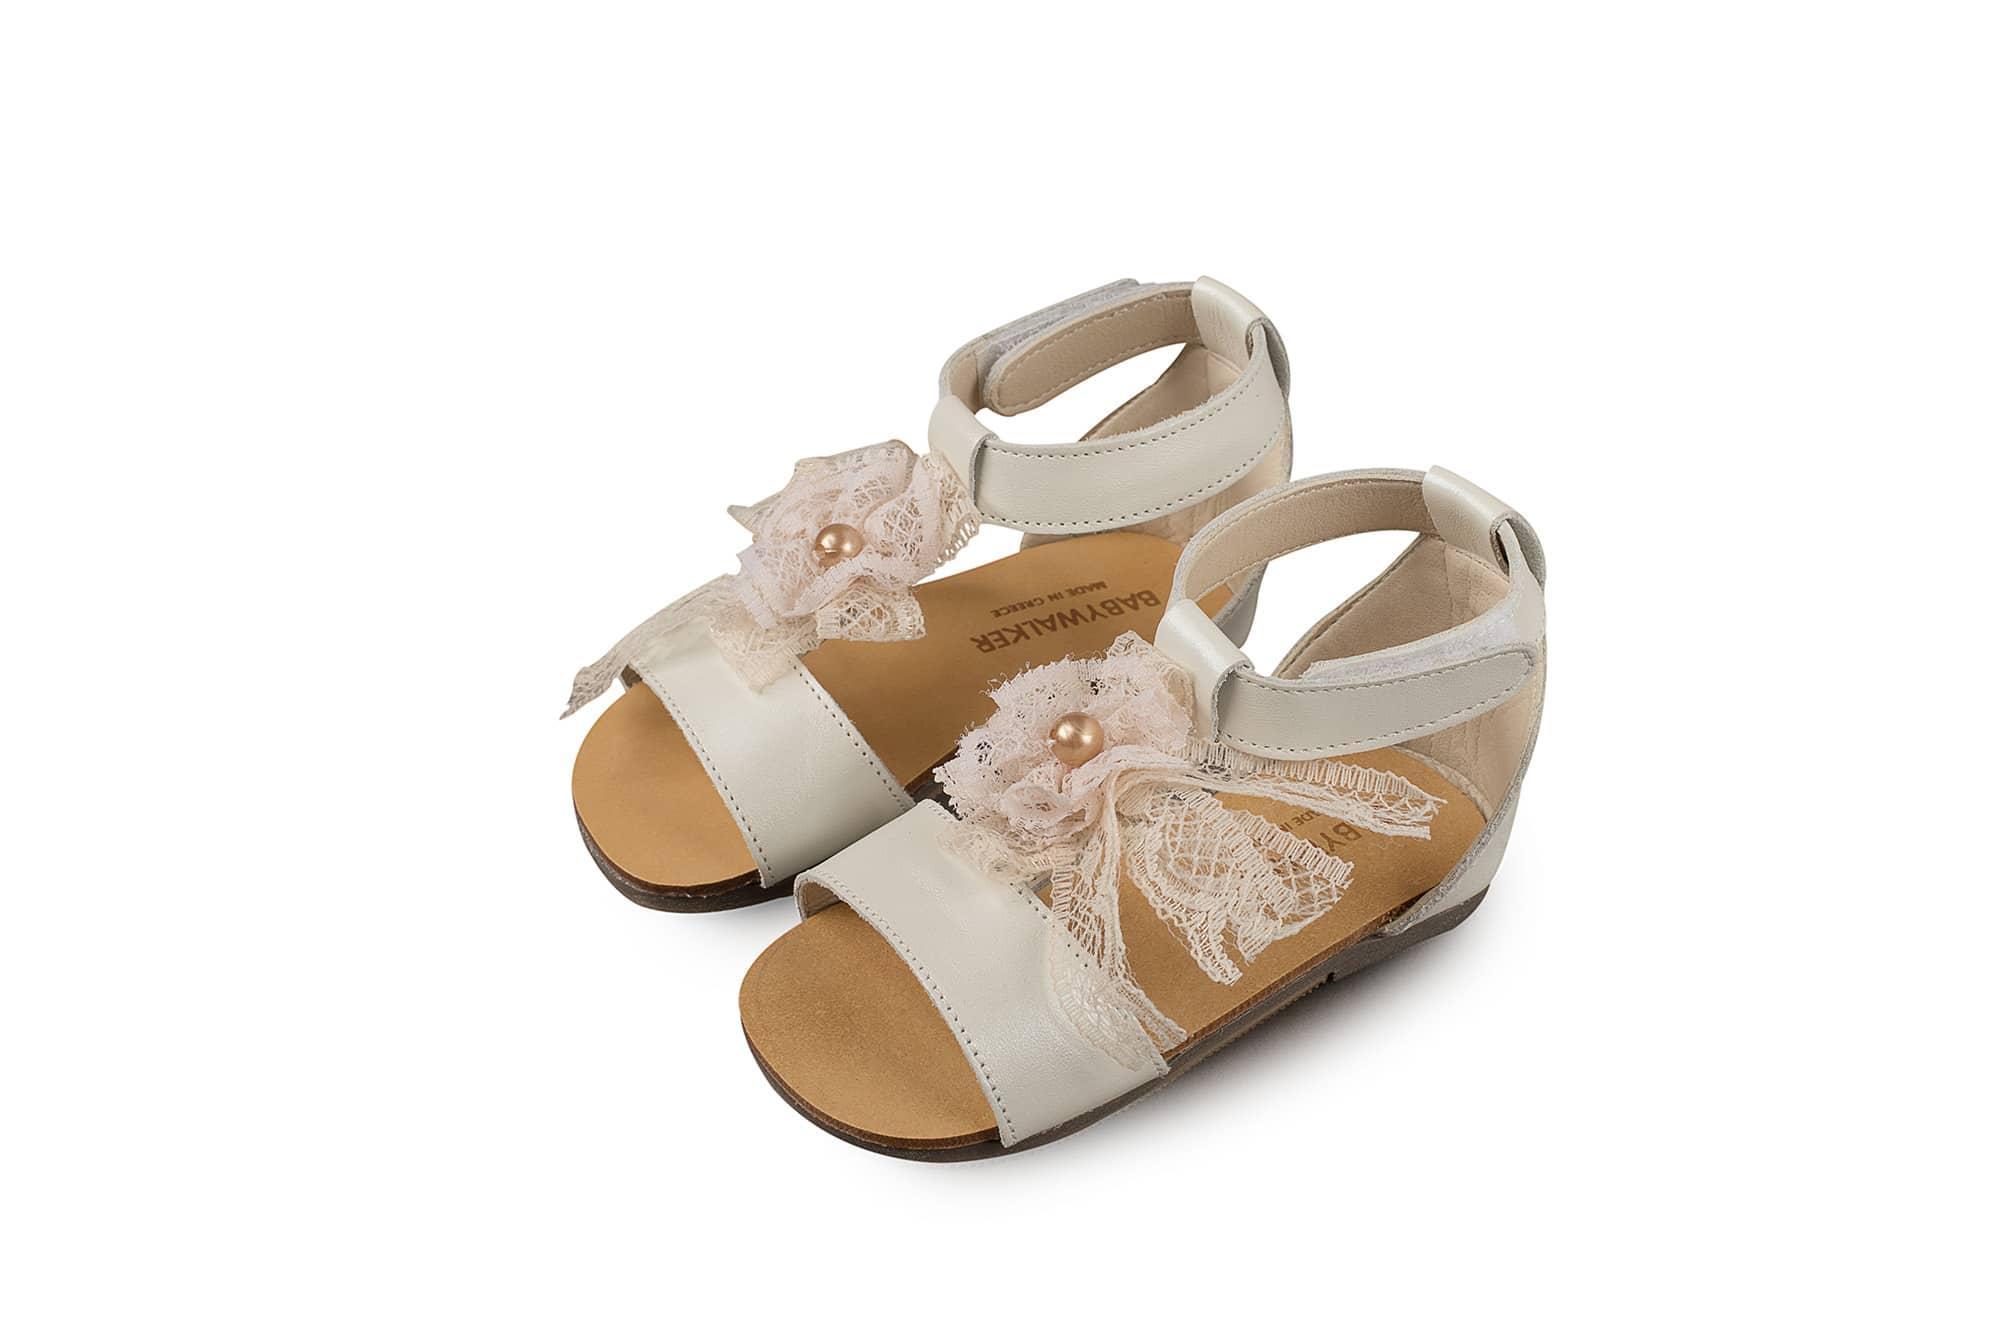 fcbeca383fb Βαπτιστικό Παπούτσι Babywalker για Κοριτσάκι με Δαντελένιο Φιόγκο (BW4522)  · Βάπτιση ...